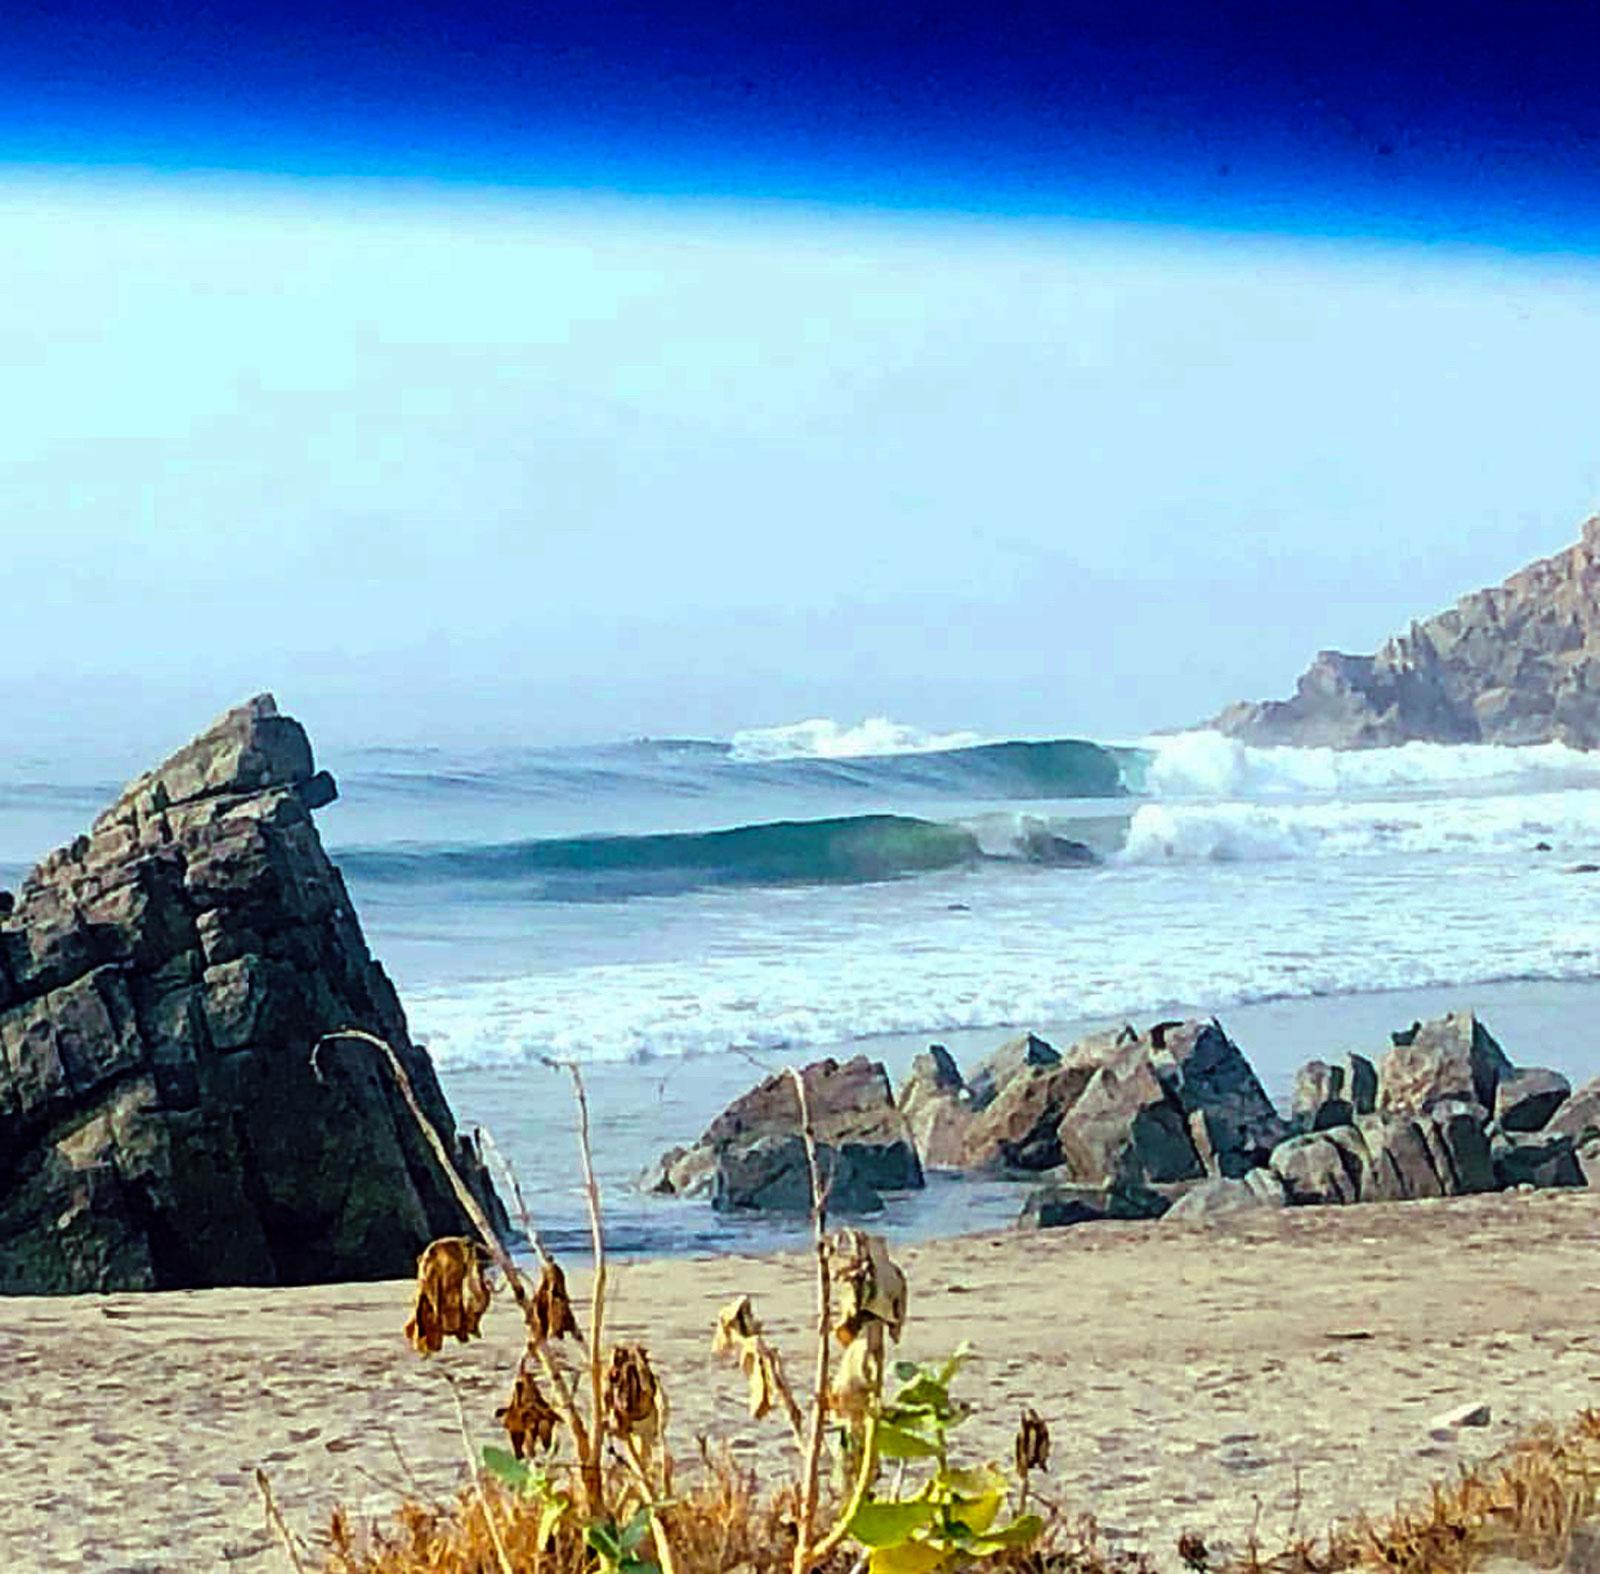 Surf Las Palmeras Windshield Visions via Aaron Bierman